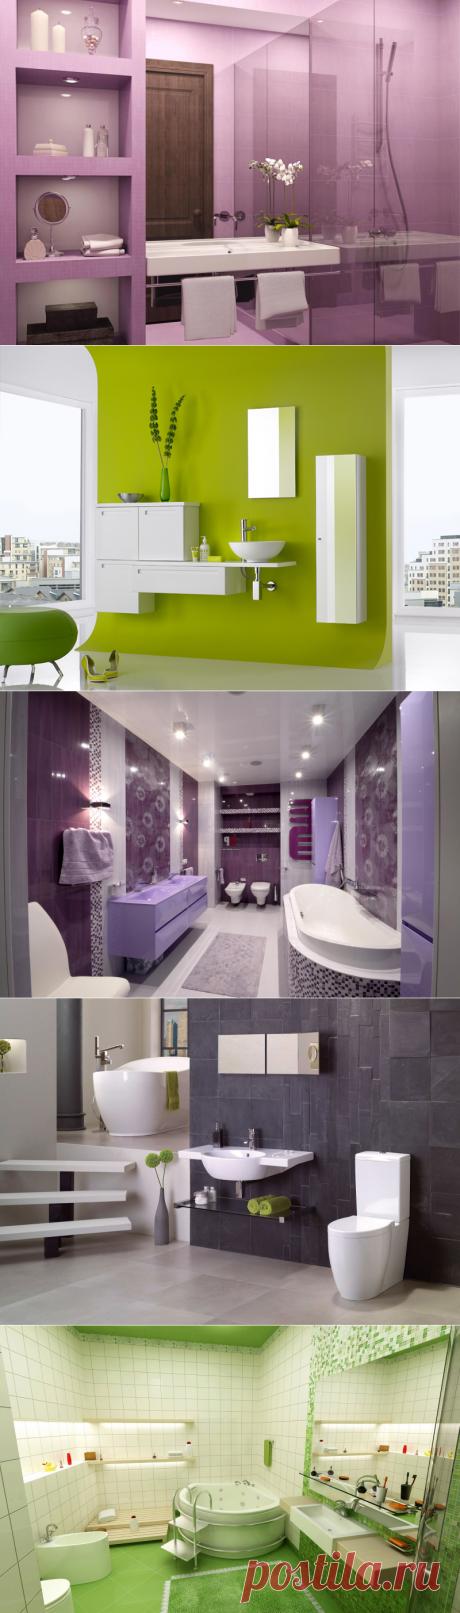 Каким цветом сделать ванную комнату – советы дизайнера | Интерьерные штучки